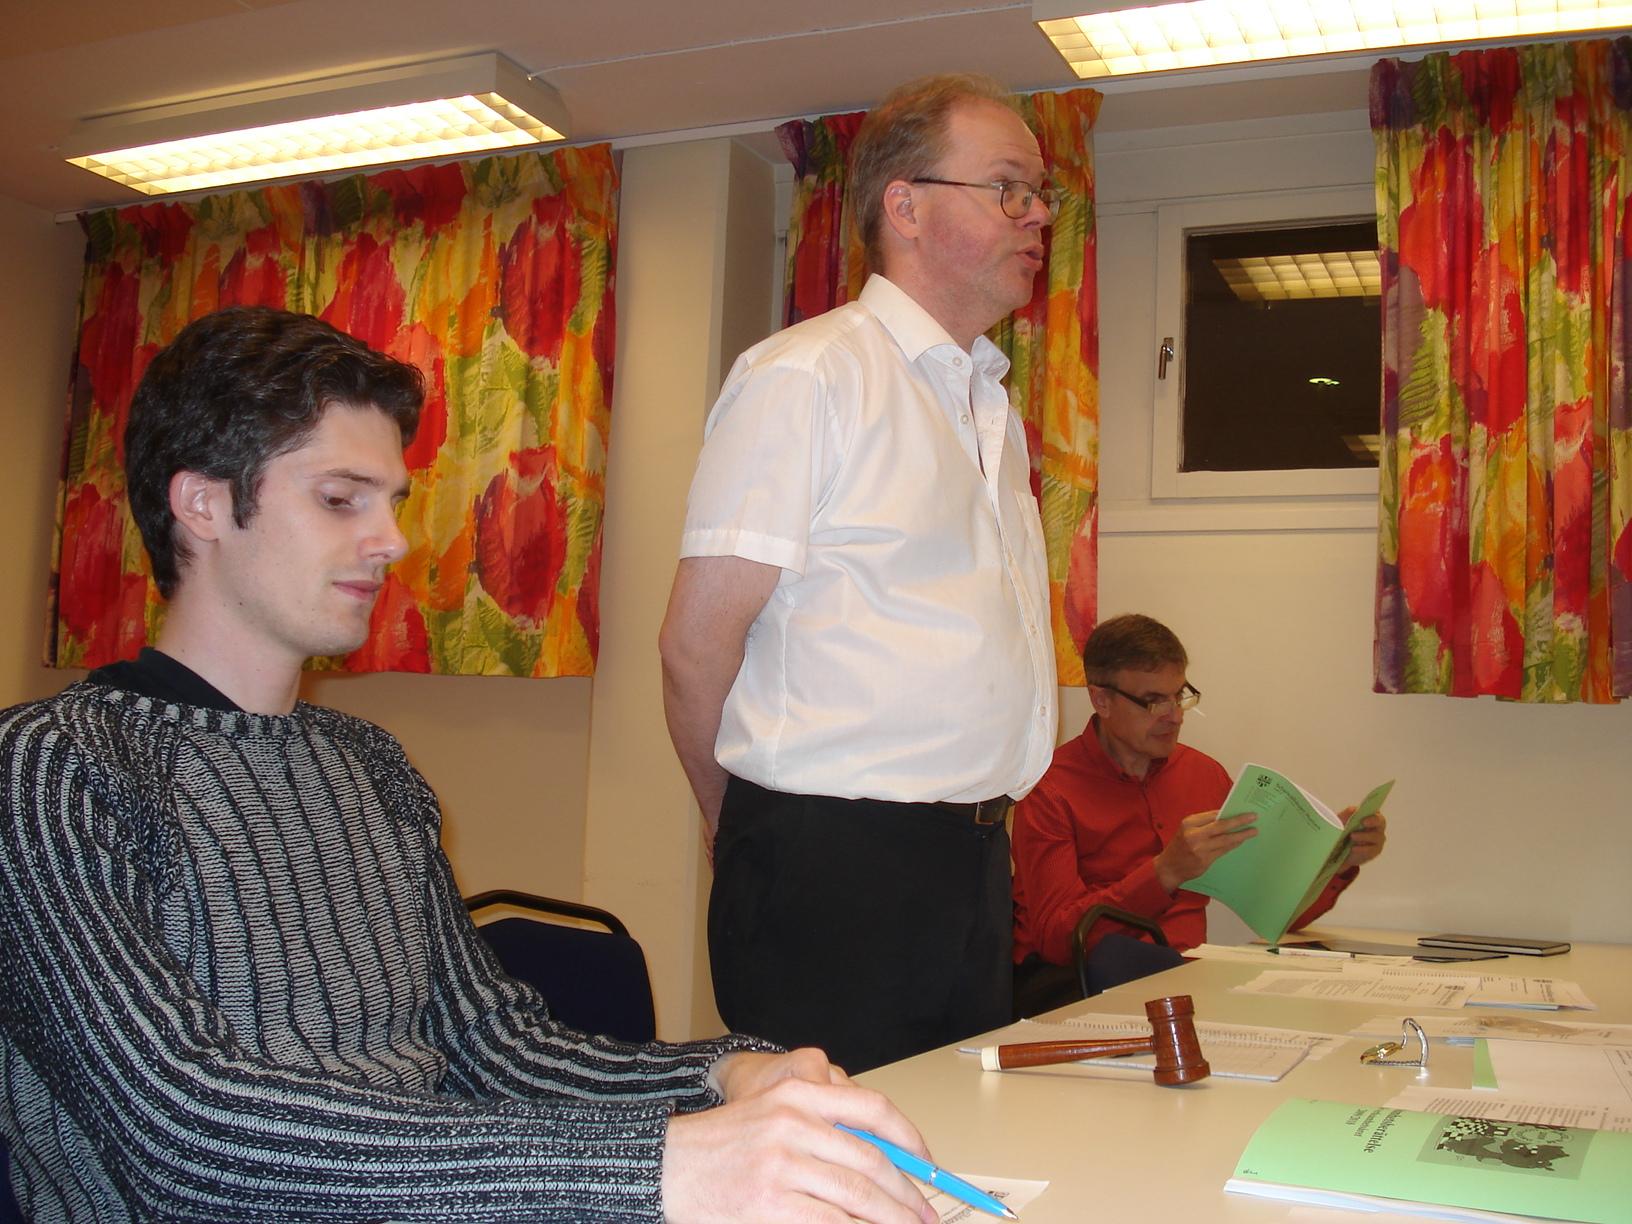 Presidiet: Mattias Fredriksson (sekreterare), Mats Eriksson (ordförande) och avgående skattmästaren Claes Brauer.